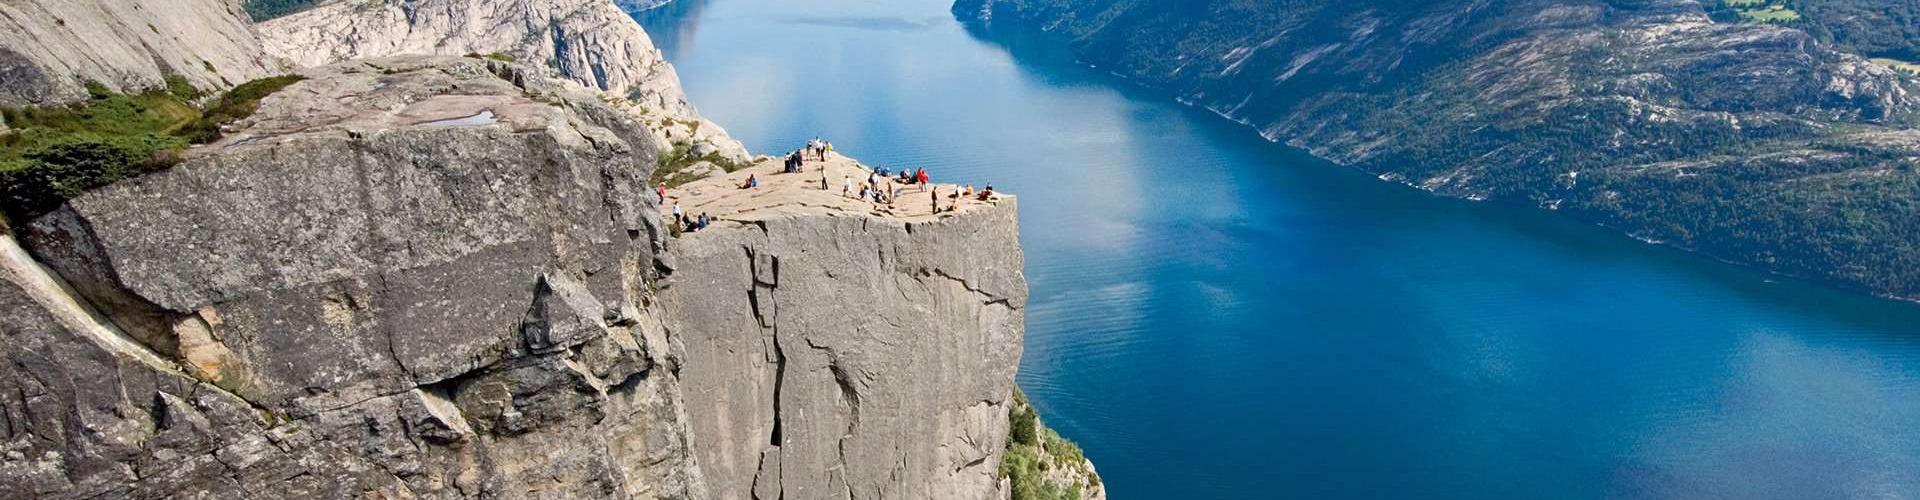 Norweskie Fiordy 1